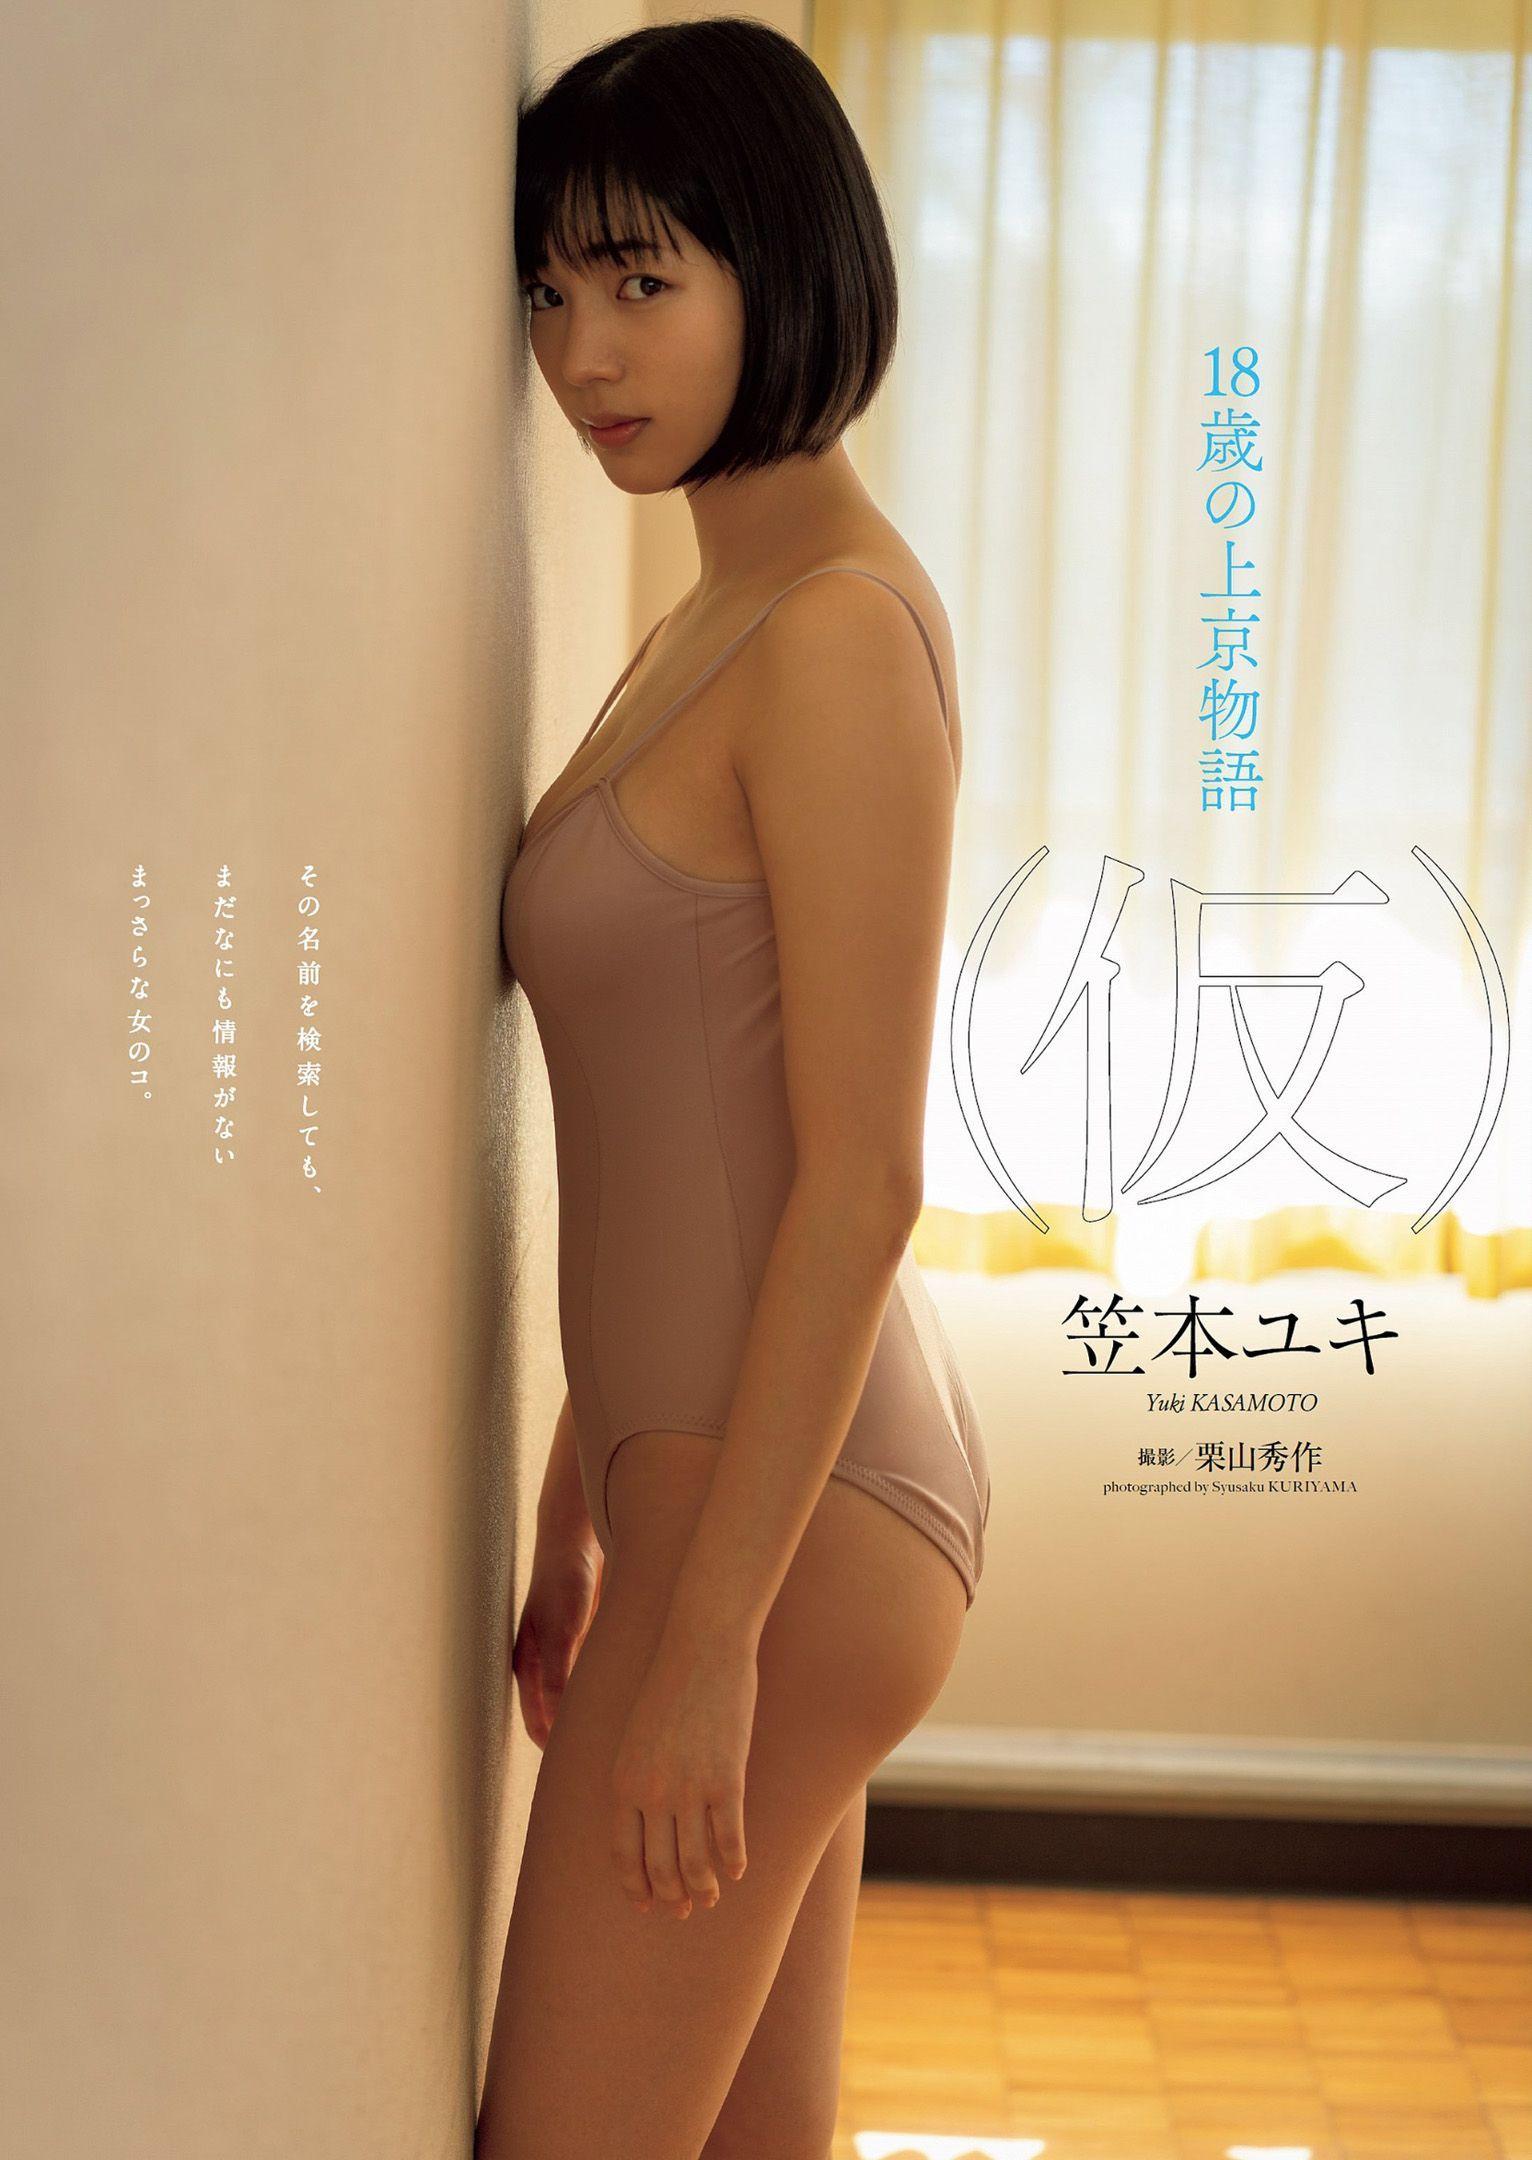 工藤美樱 竹内诗乃 笠本ユキ-Weekly Playboy 2021年第九期-第39张图片-深海领域